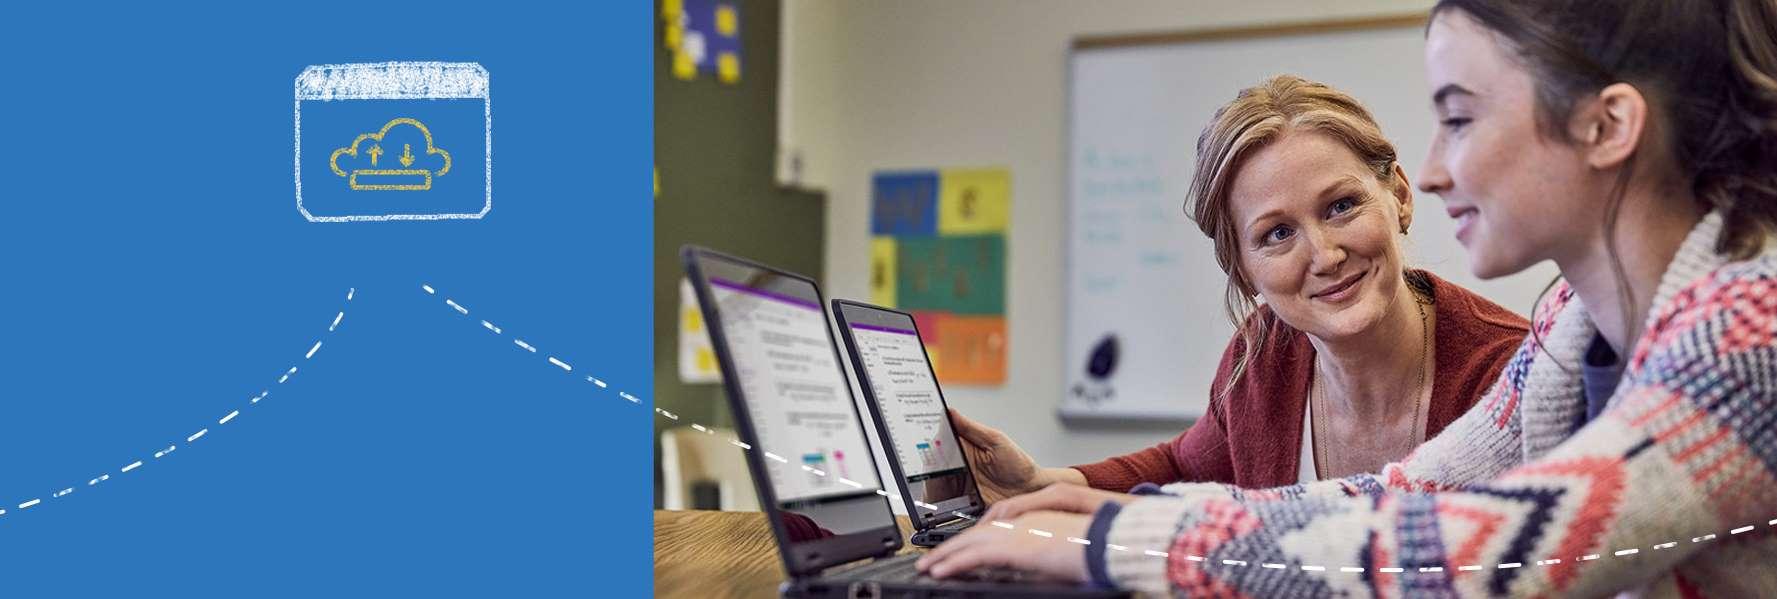 MetaComp Microsoft Anwendungen OneNote Kursnotizbuch